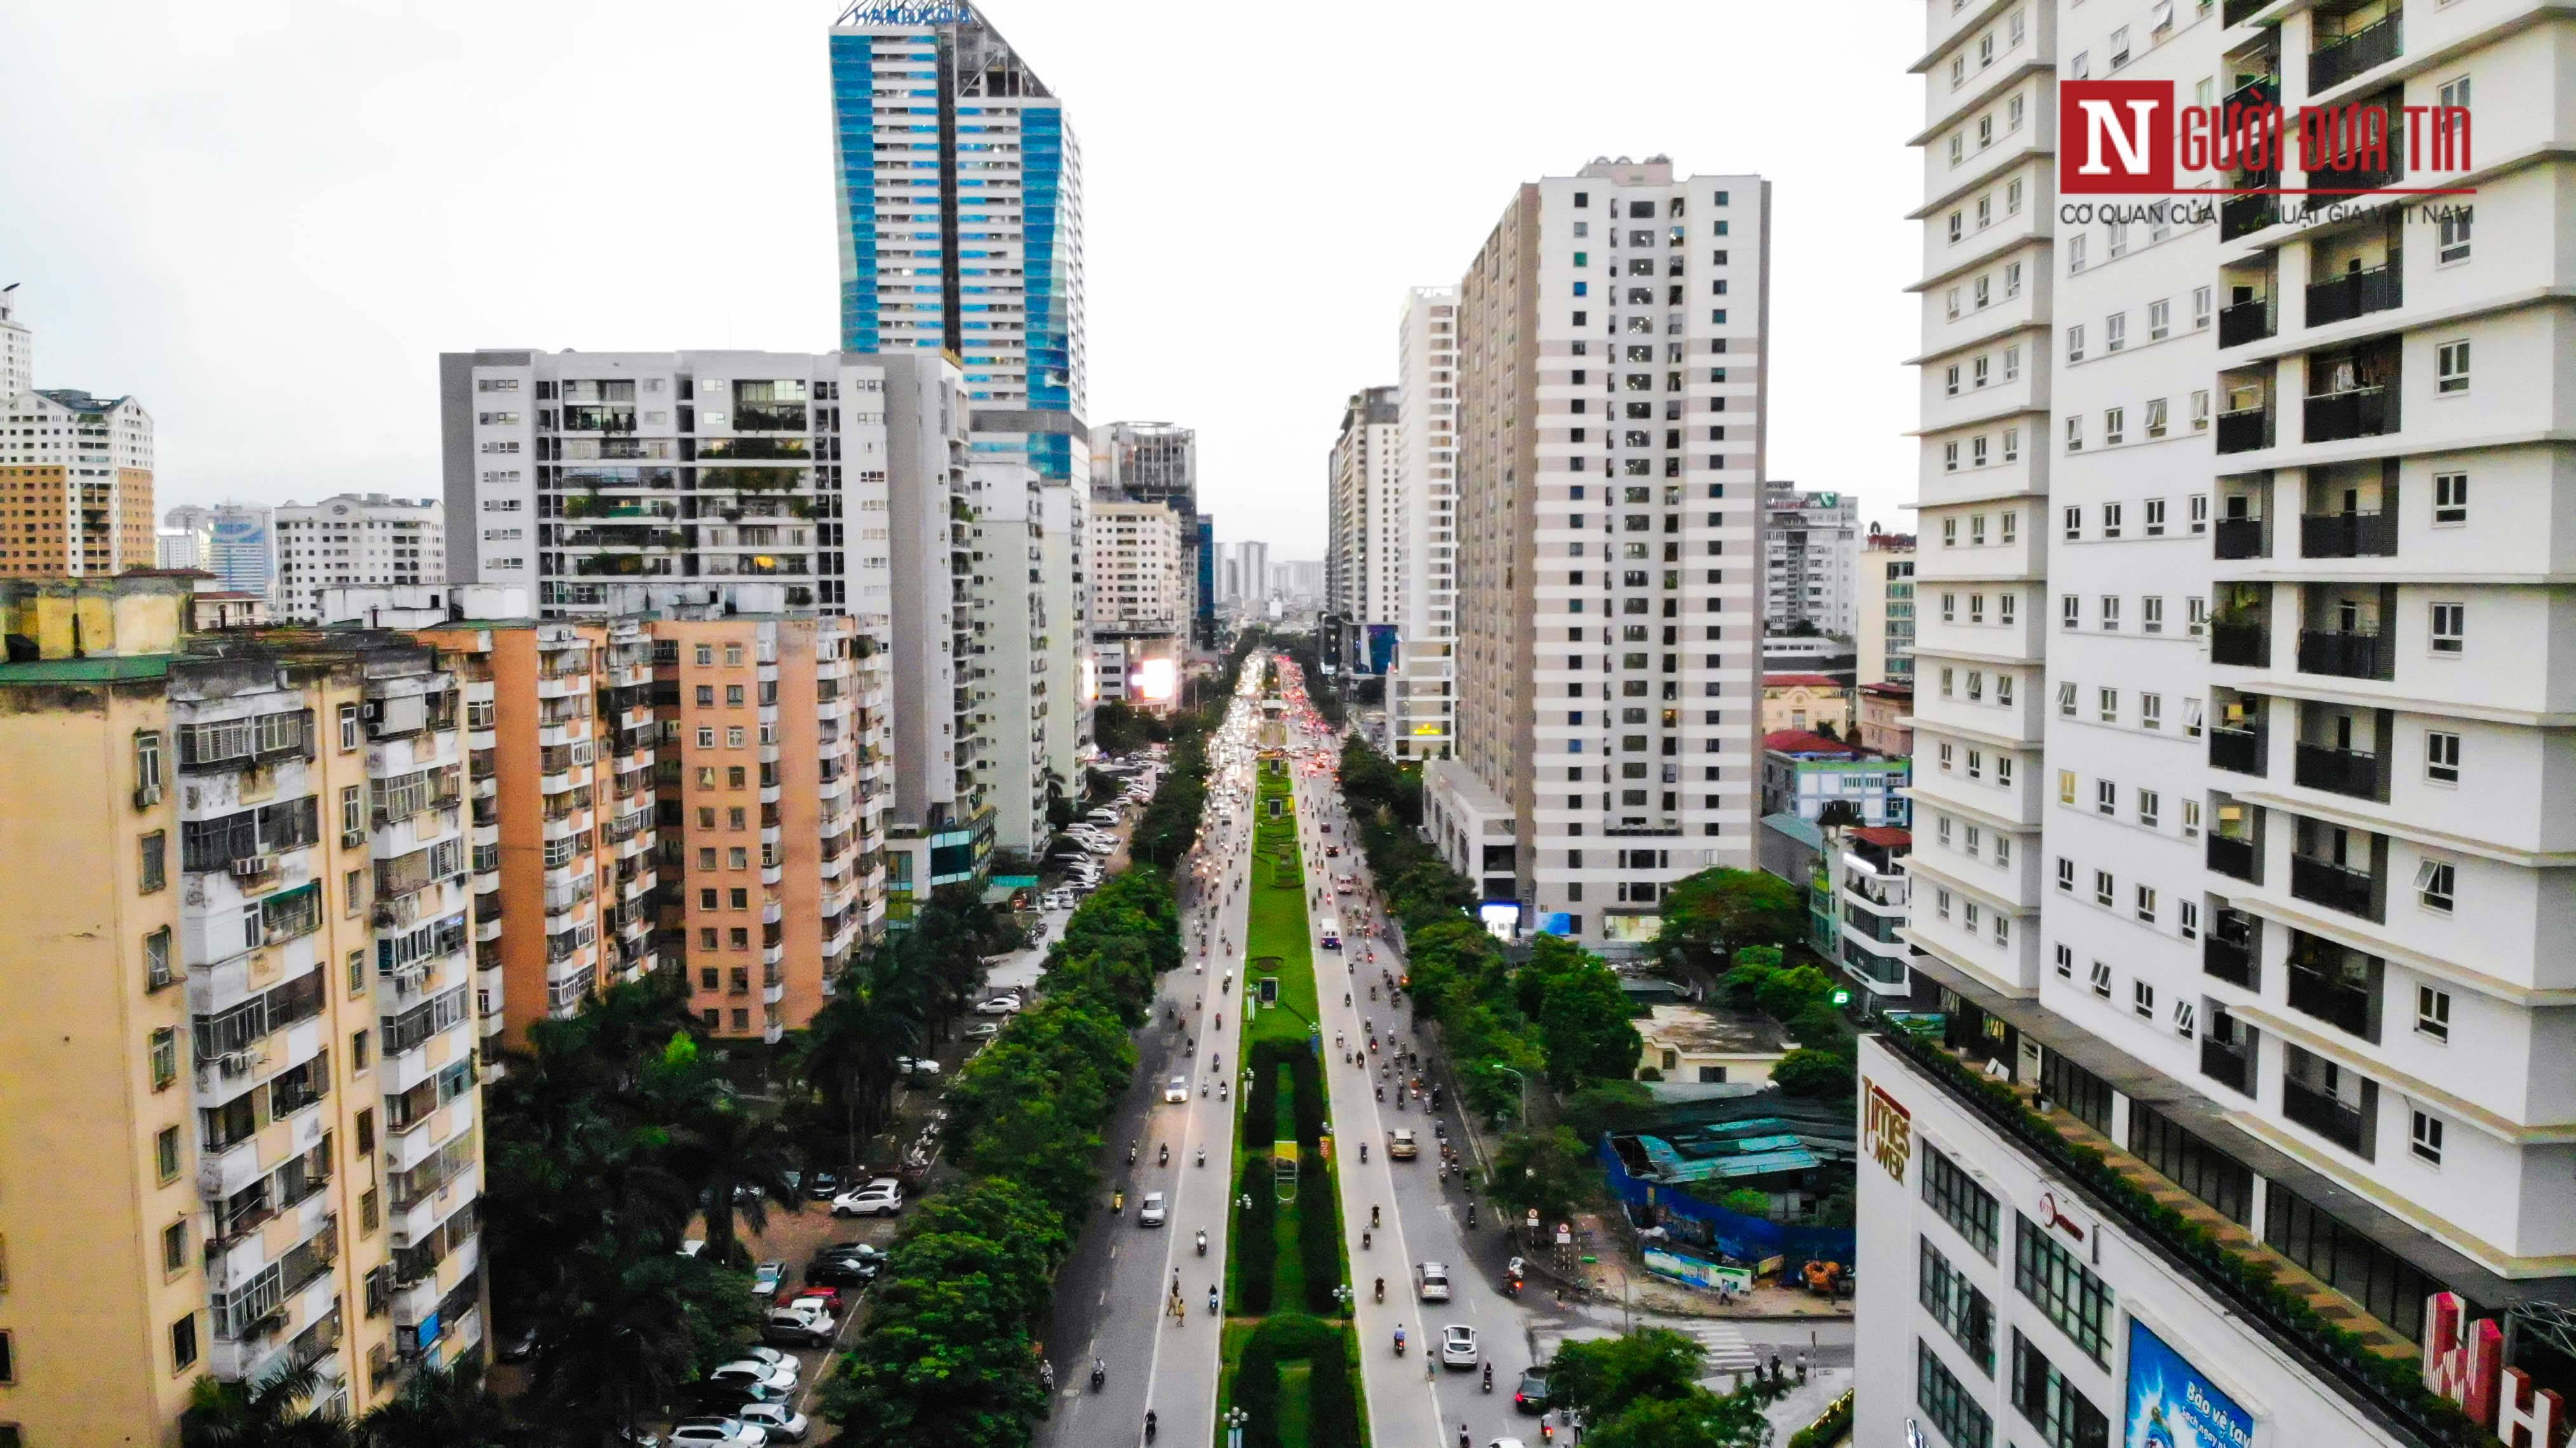 Bất động sản - Cận cảnh tuyến đường dài 2km cõng tới 40 toà nhà cao ốc tại Thủ đô (Hình 6).